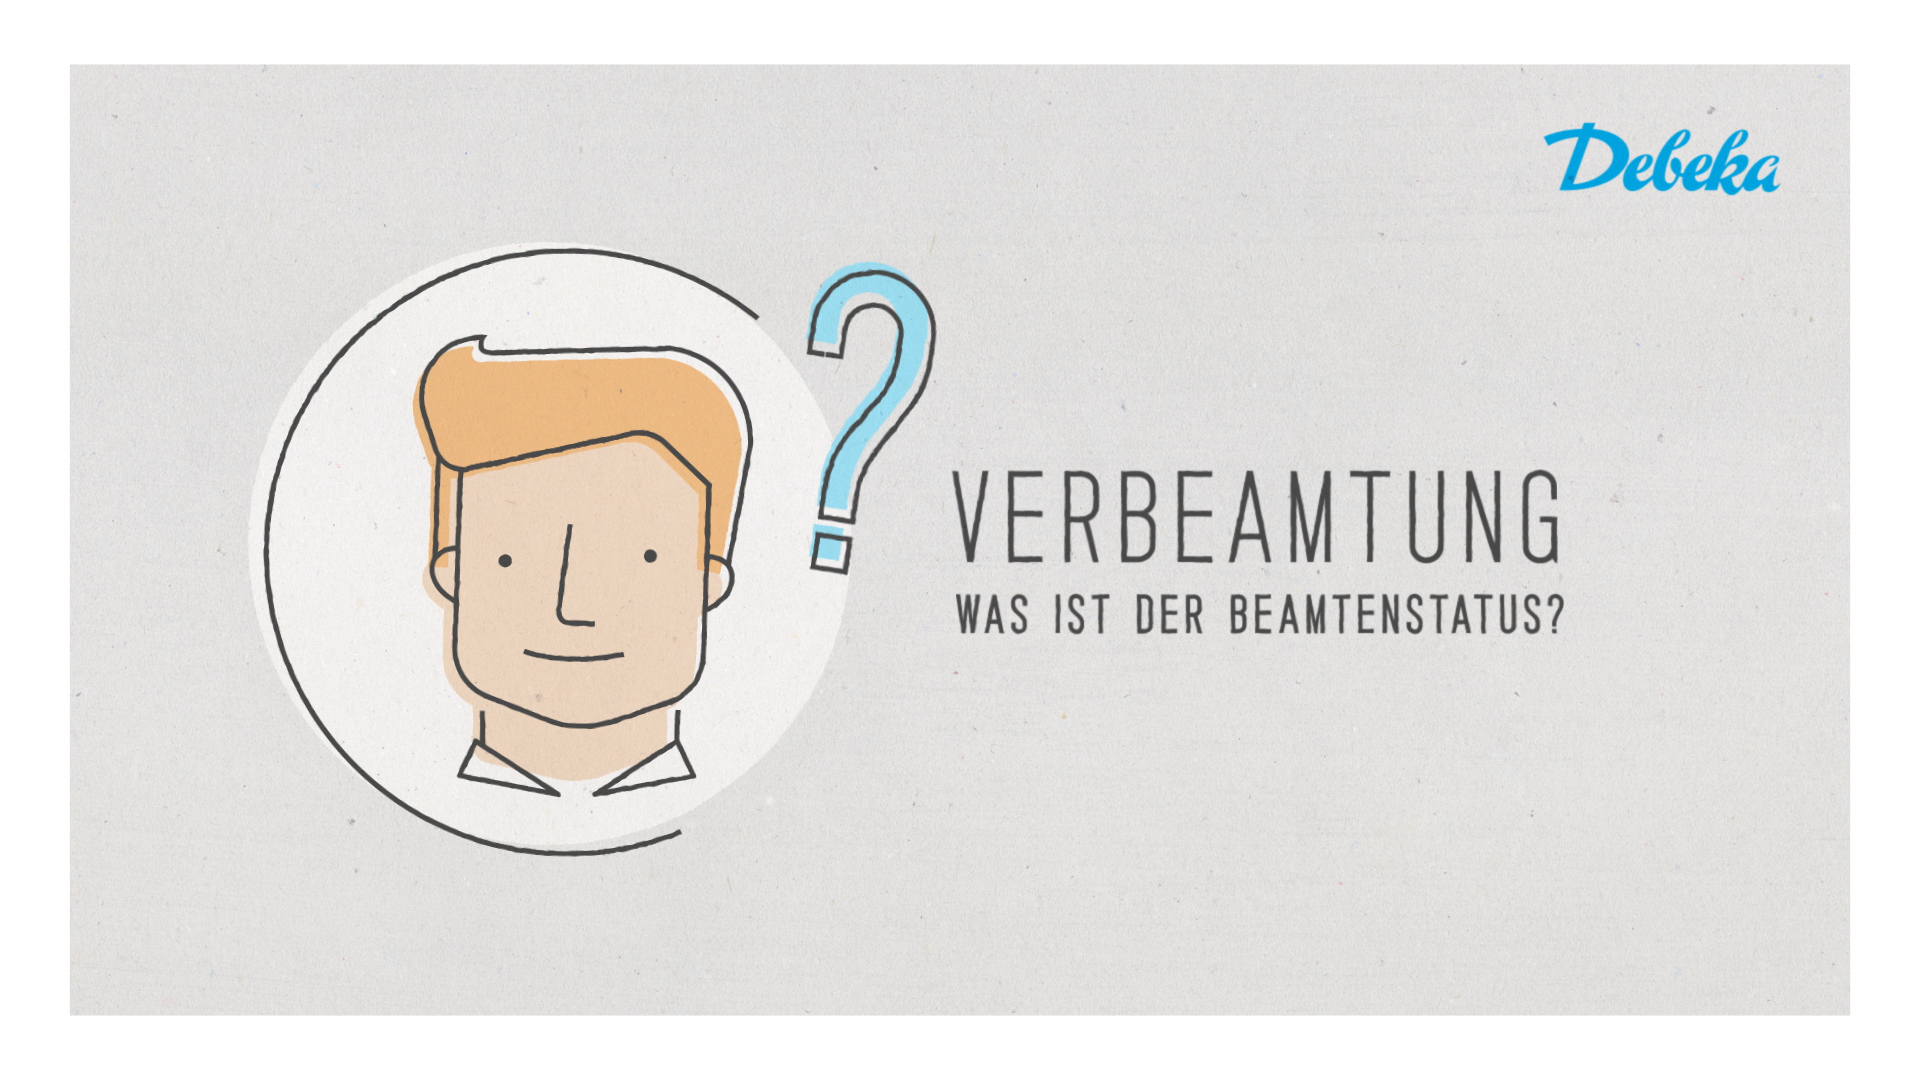 170601_Debeka_Verbeamtung (00092).jpg